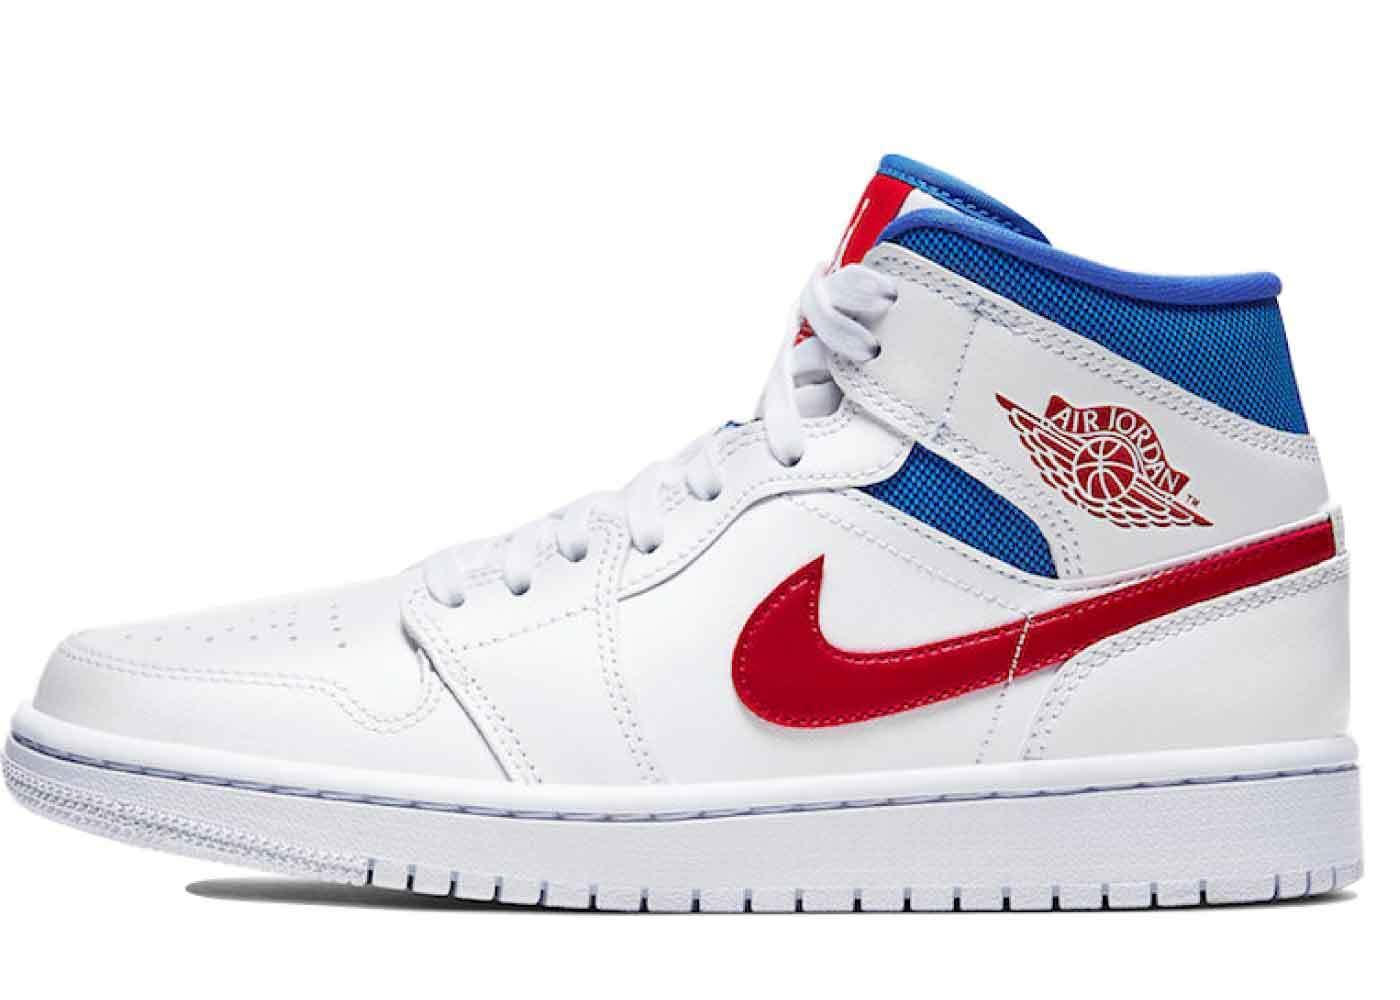 red white blue jordans 1